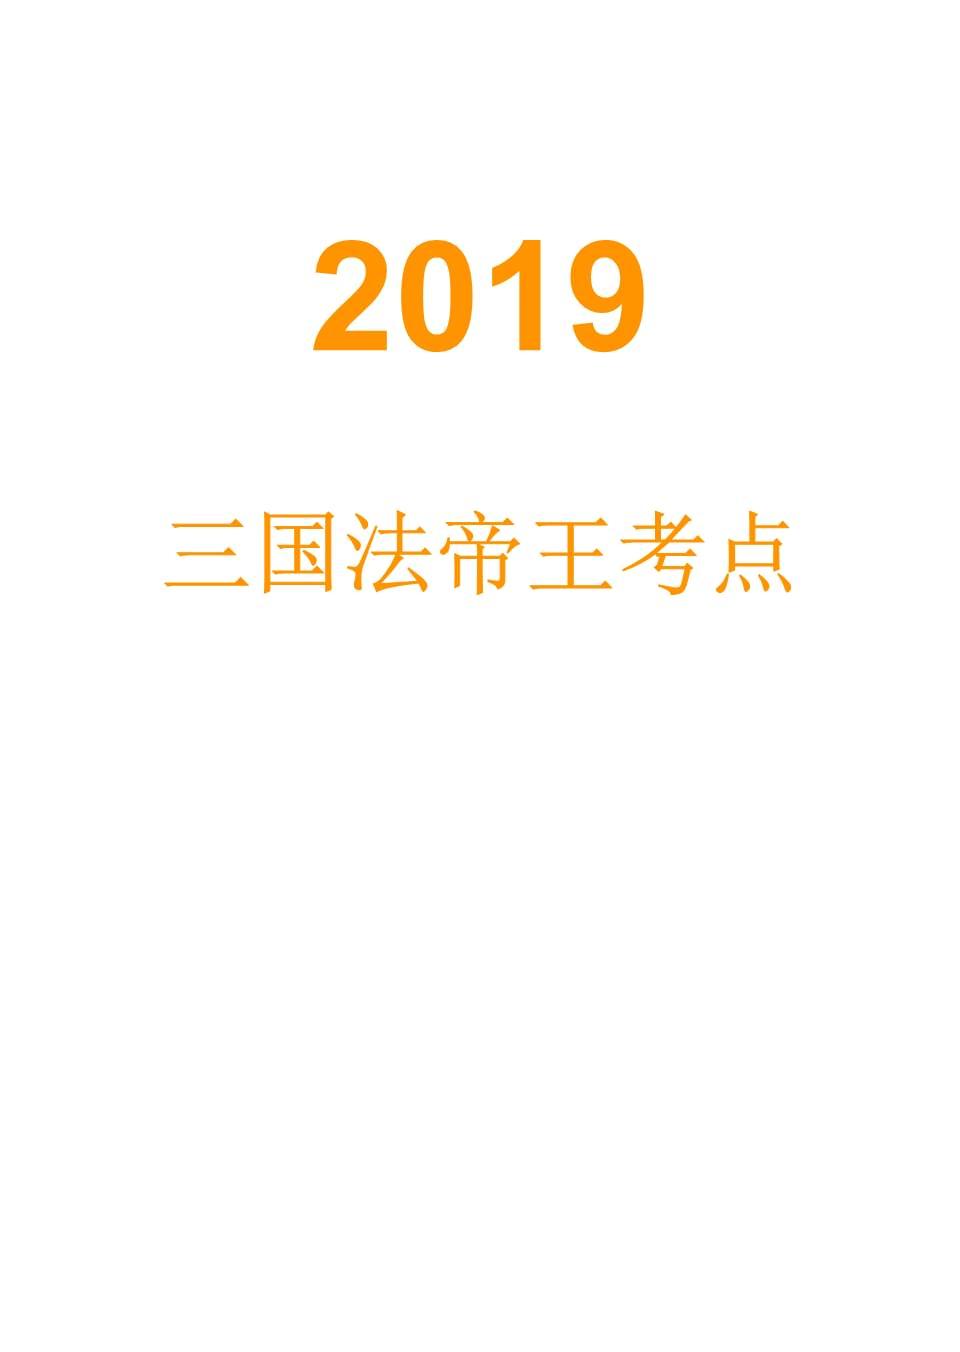 2019年三国法帝王考点(完整版).pptx